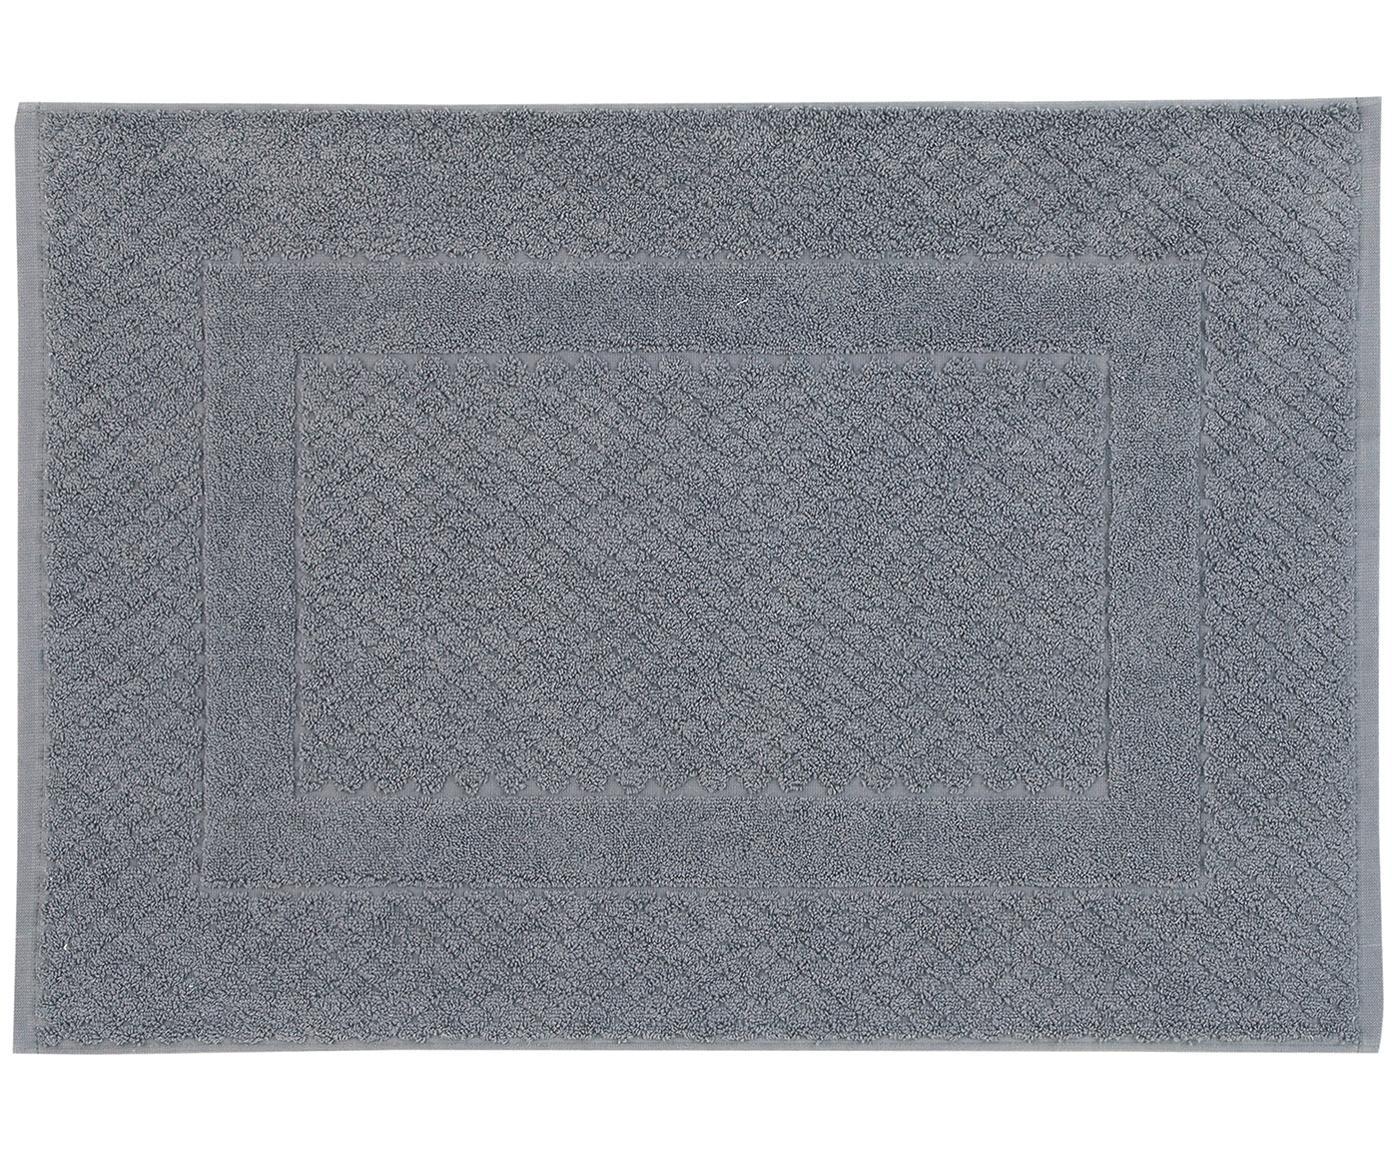 Alfombrilla de baño Katharina, 100%algodón, gramaje superior, 900g/m², Gris oscuro, An 50 x L 70 cm